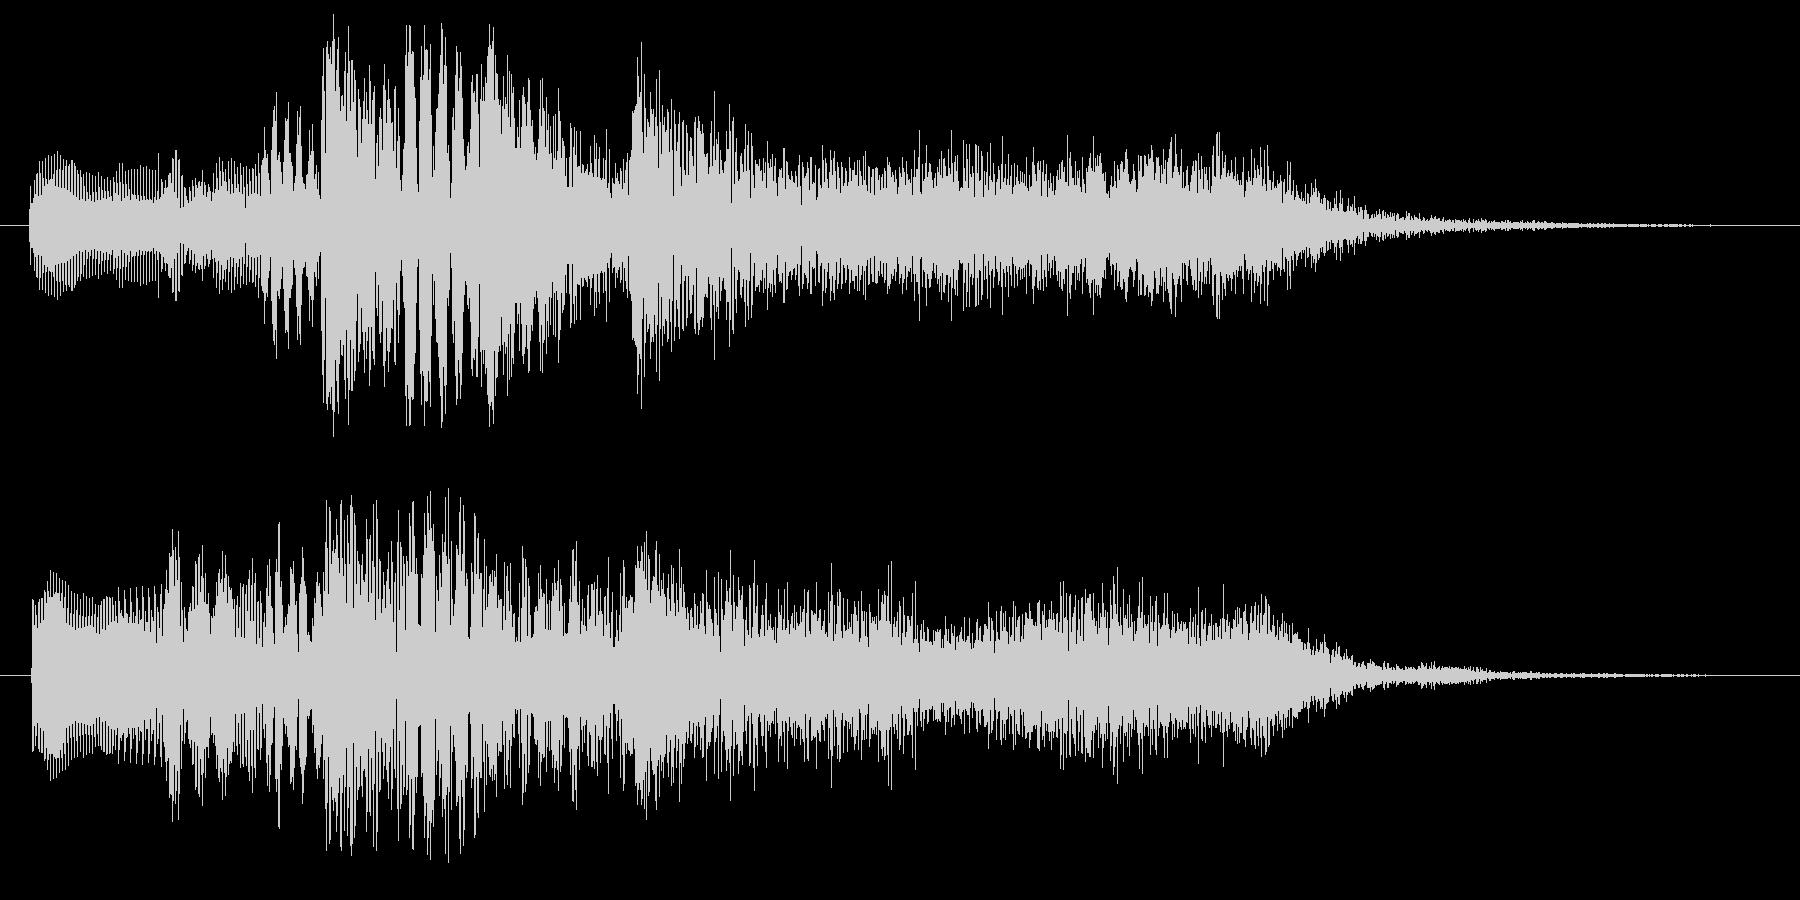 ハープとストリングスのジングル2の未再生の波形